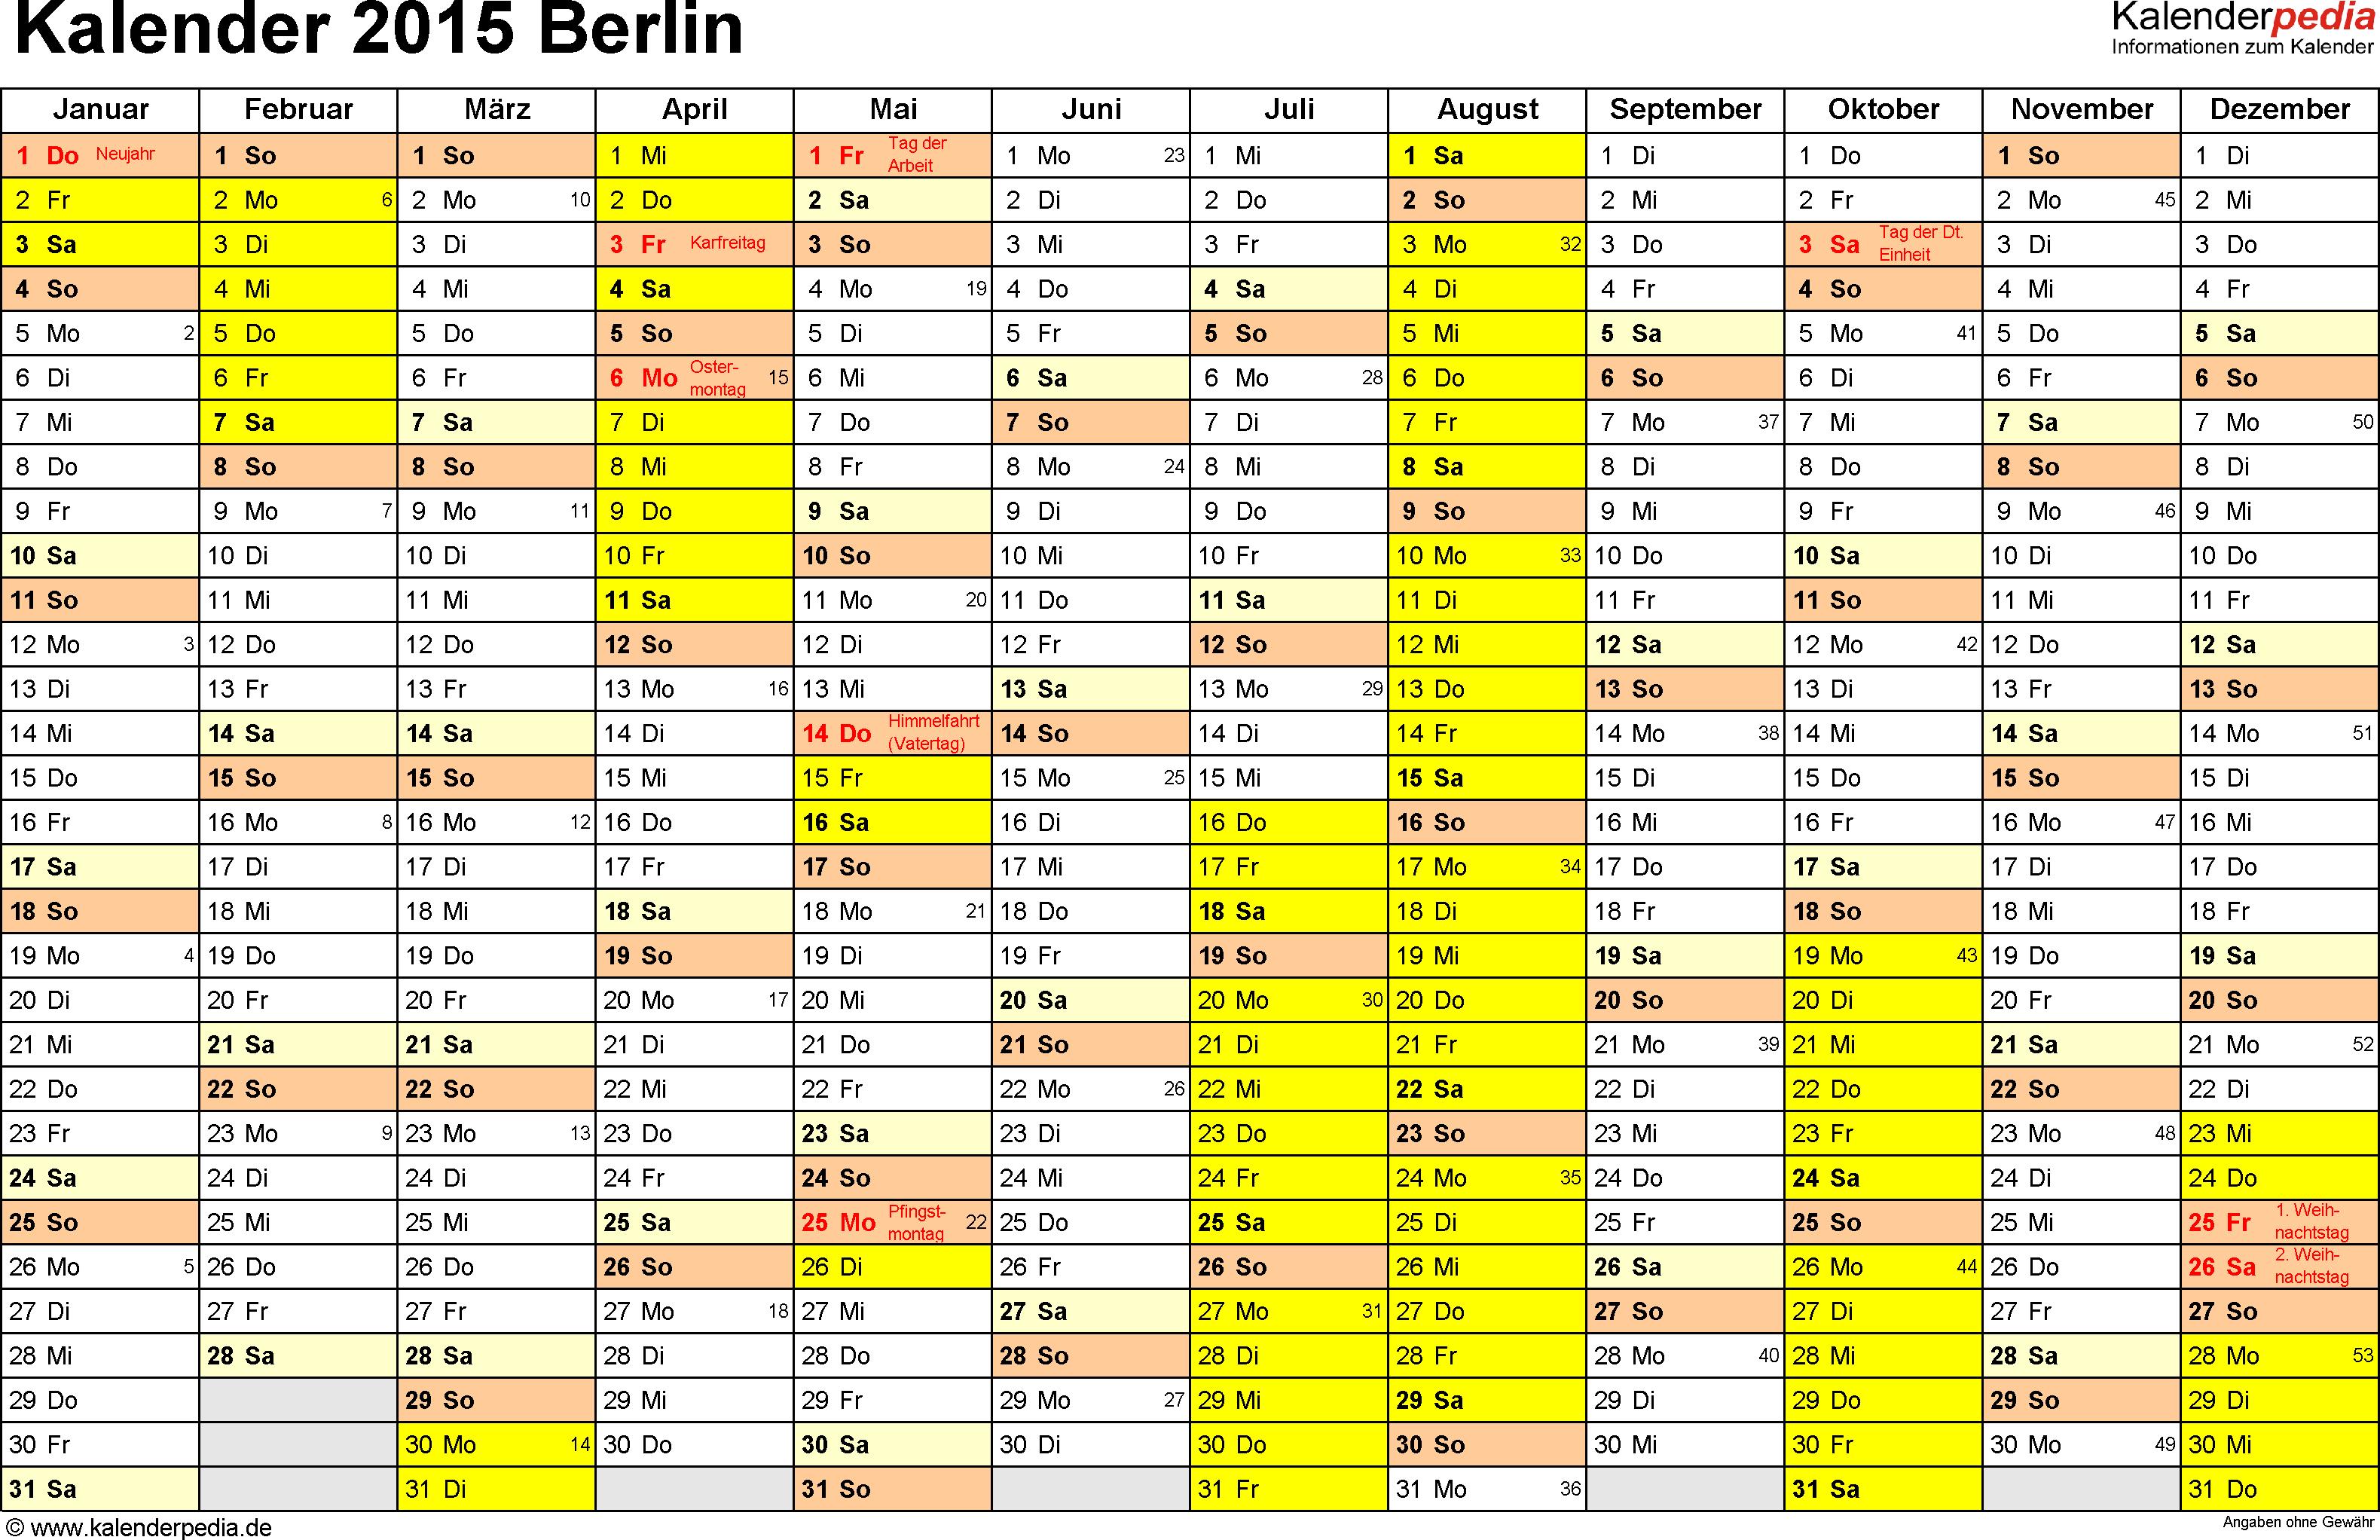 Vorlage 1: Kalender 2015 für Berlin als PDF-Vorlagen (Querformat, 1 Seite)